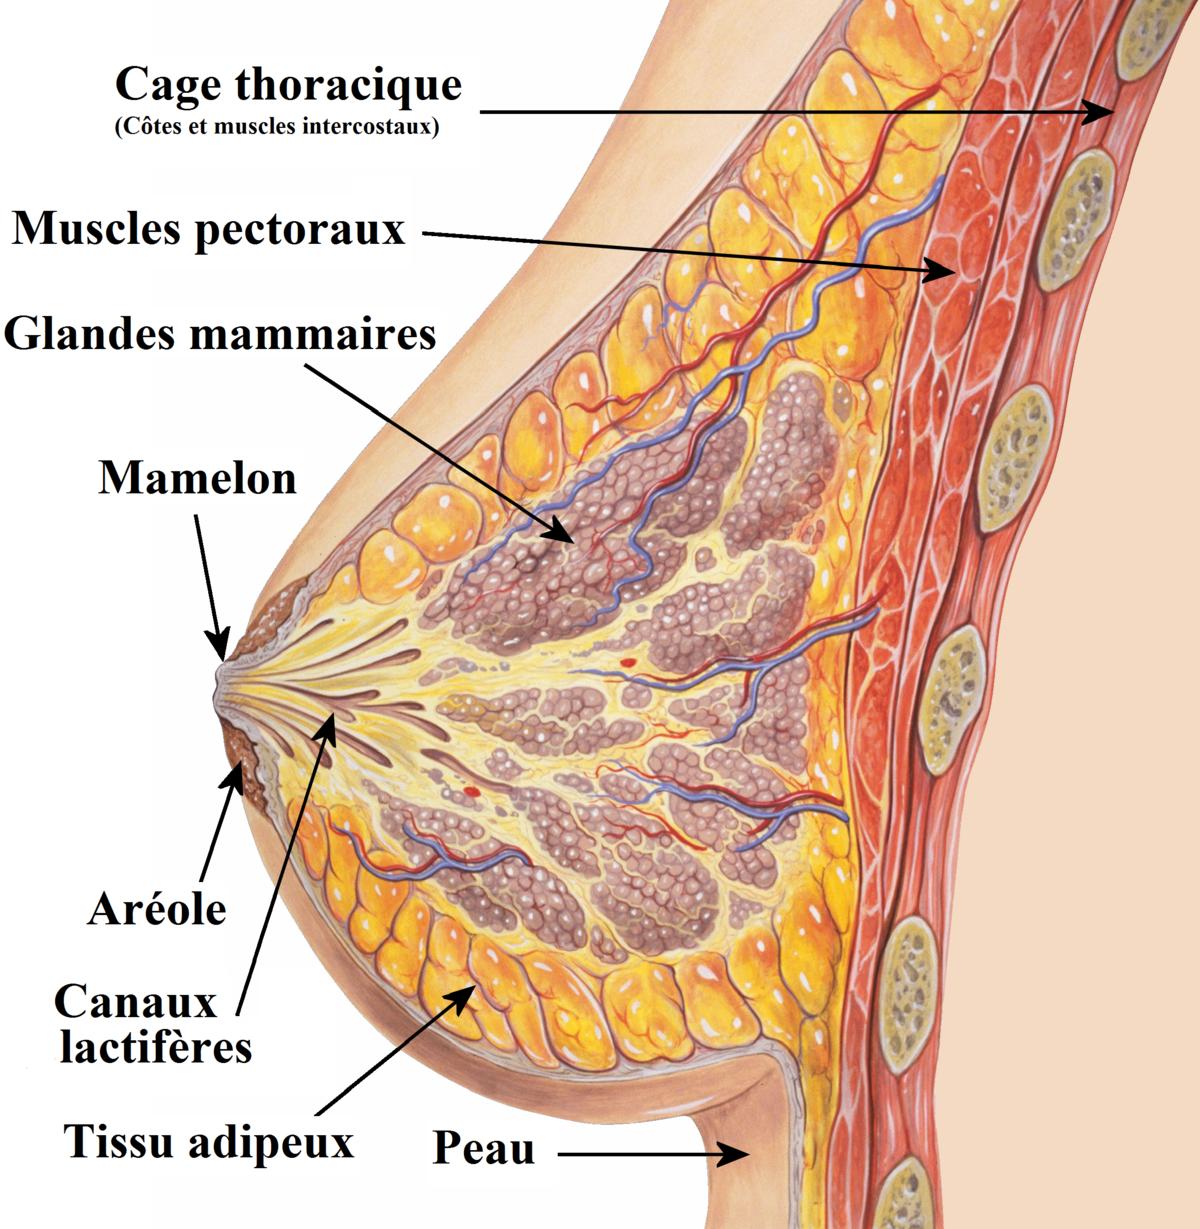 Причины боли в груди и сосках. когда начинается боль перед, после месячных, овуляции, при беременности, кормлении